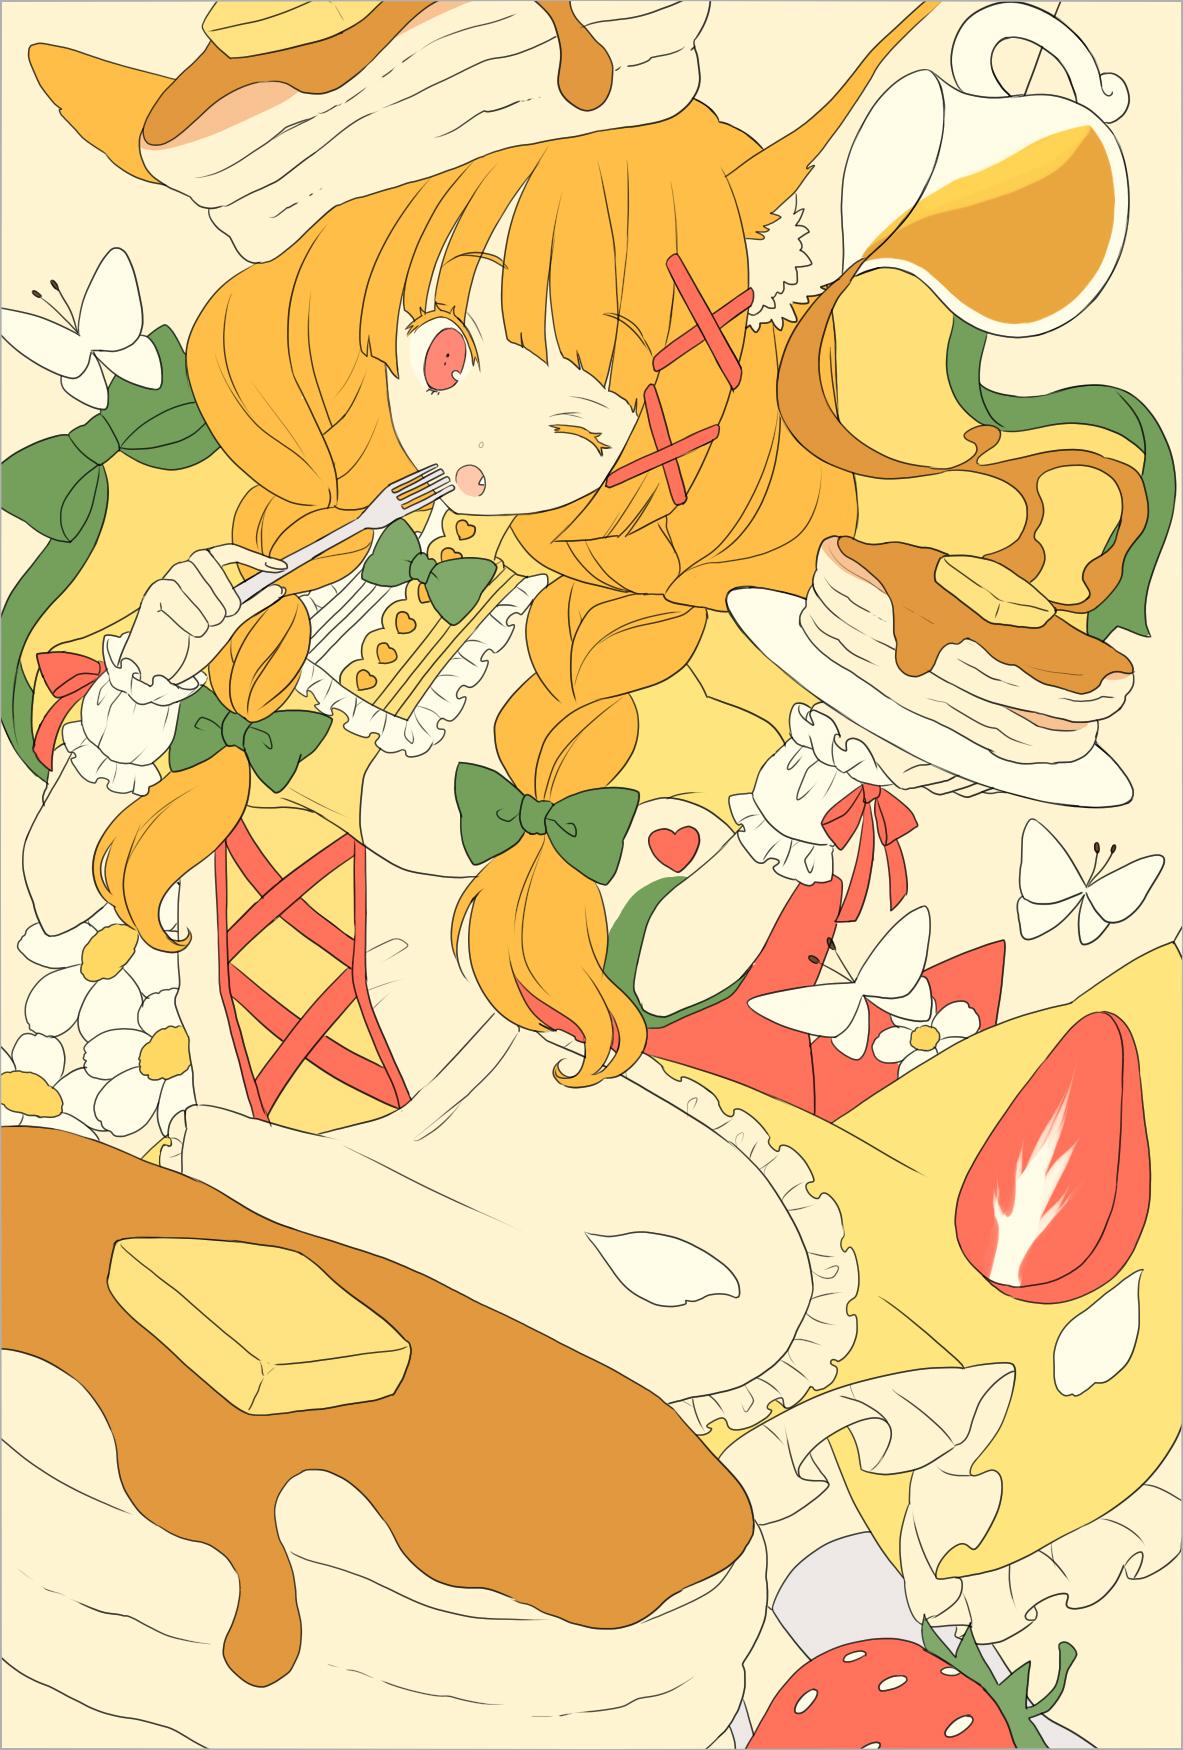 夢ノ内さんの構図のイラスト